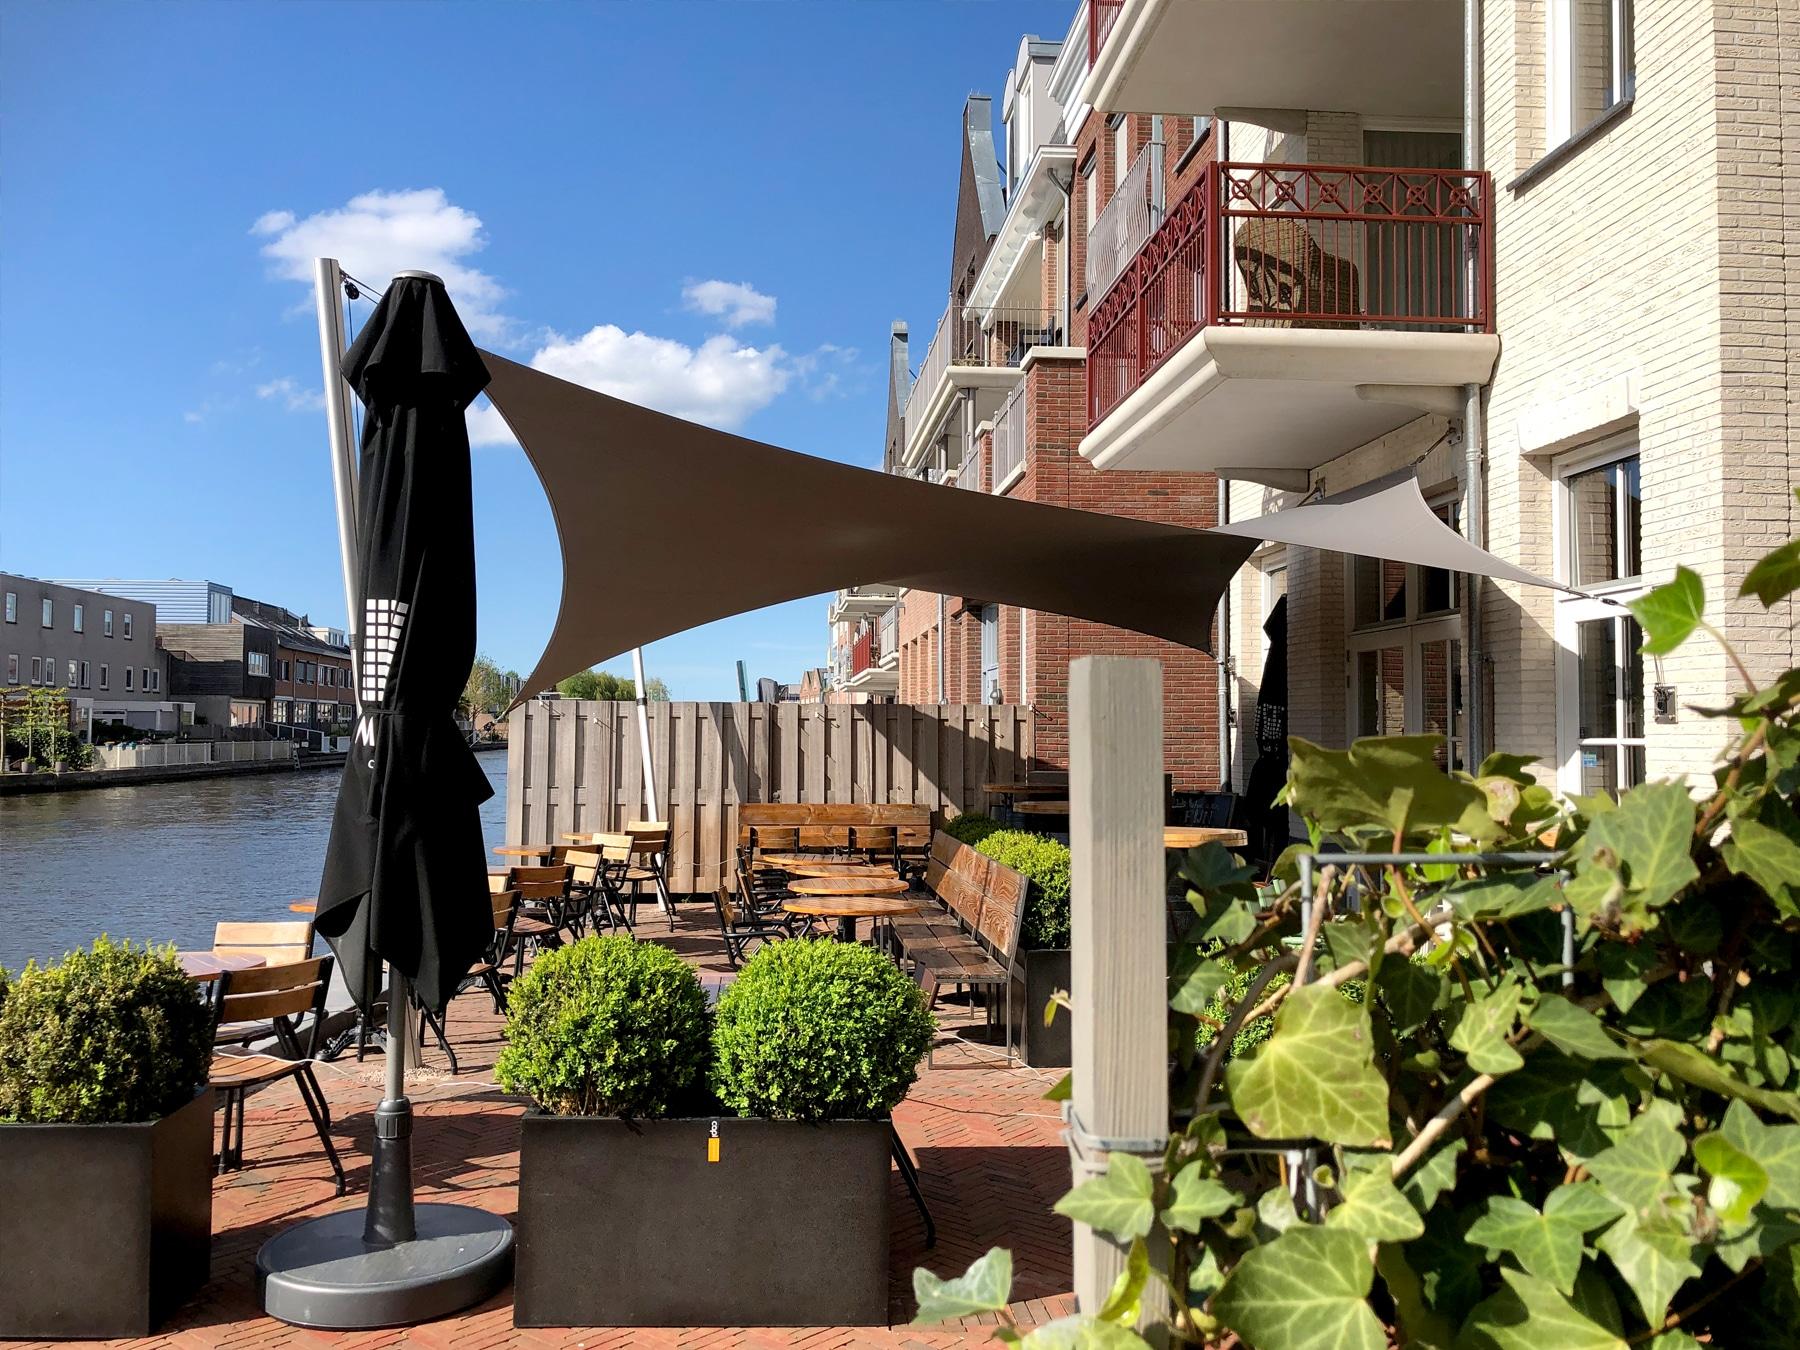 texstyleroofs-horeca-terras-overkappingen-op-maat-ontworpen-stormvast-zonder-vergunning-zonnezeil